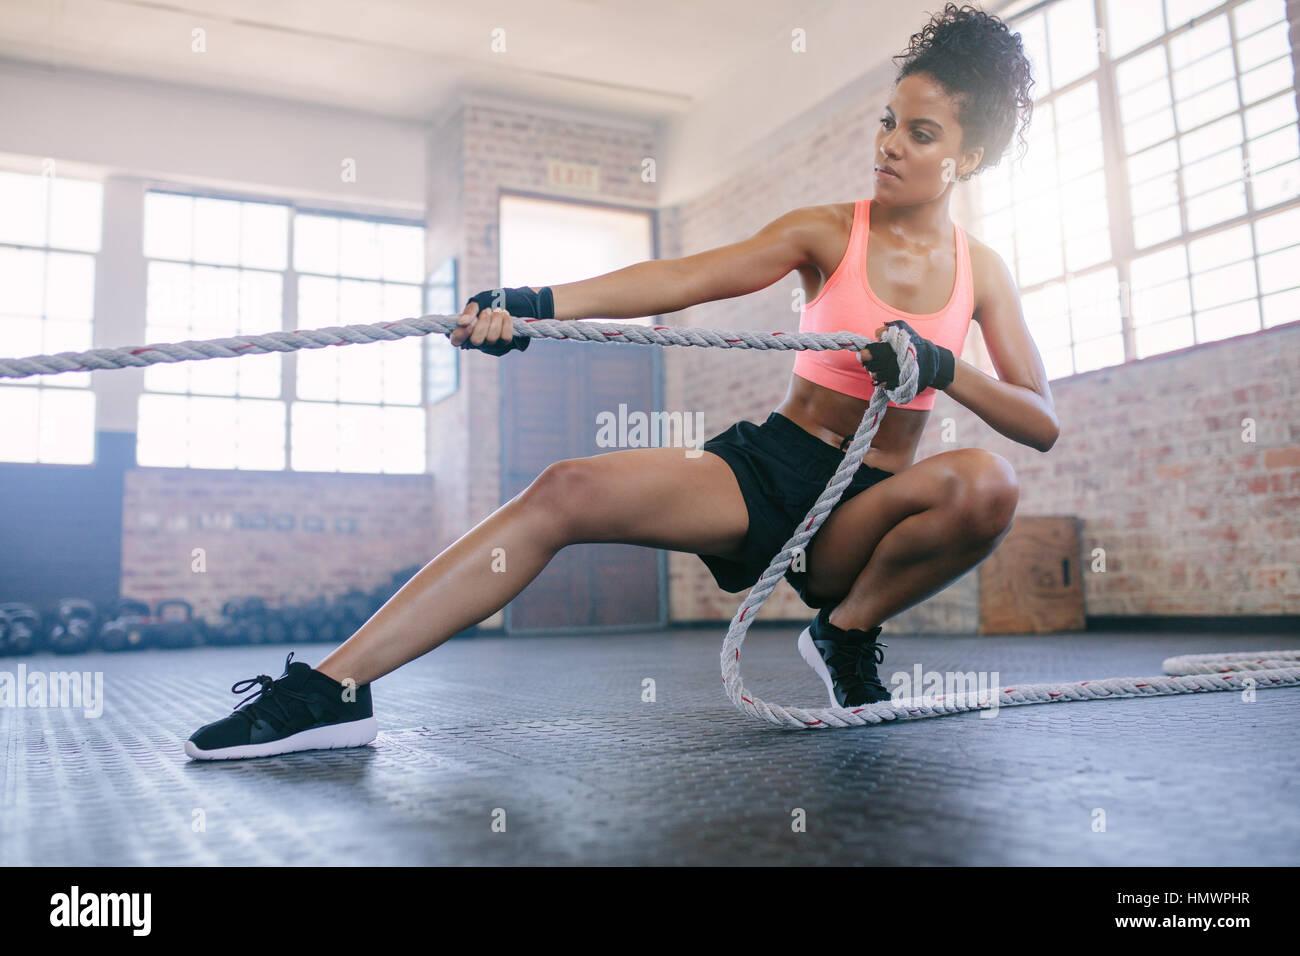 Colpo di giovane donna africana a fare gli esercizi con la corda in una palestra. Femmina Fitness tirando la corda Immagini Stock